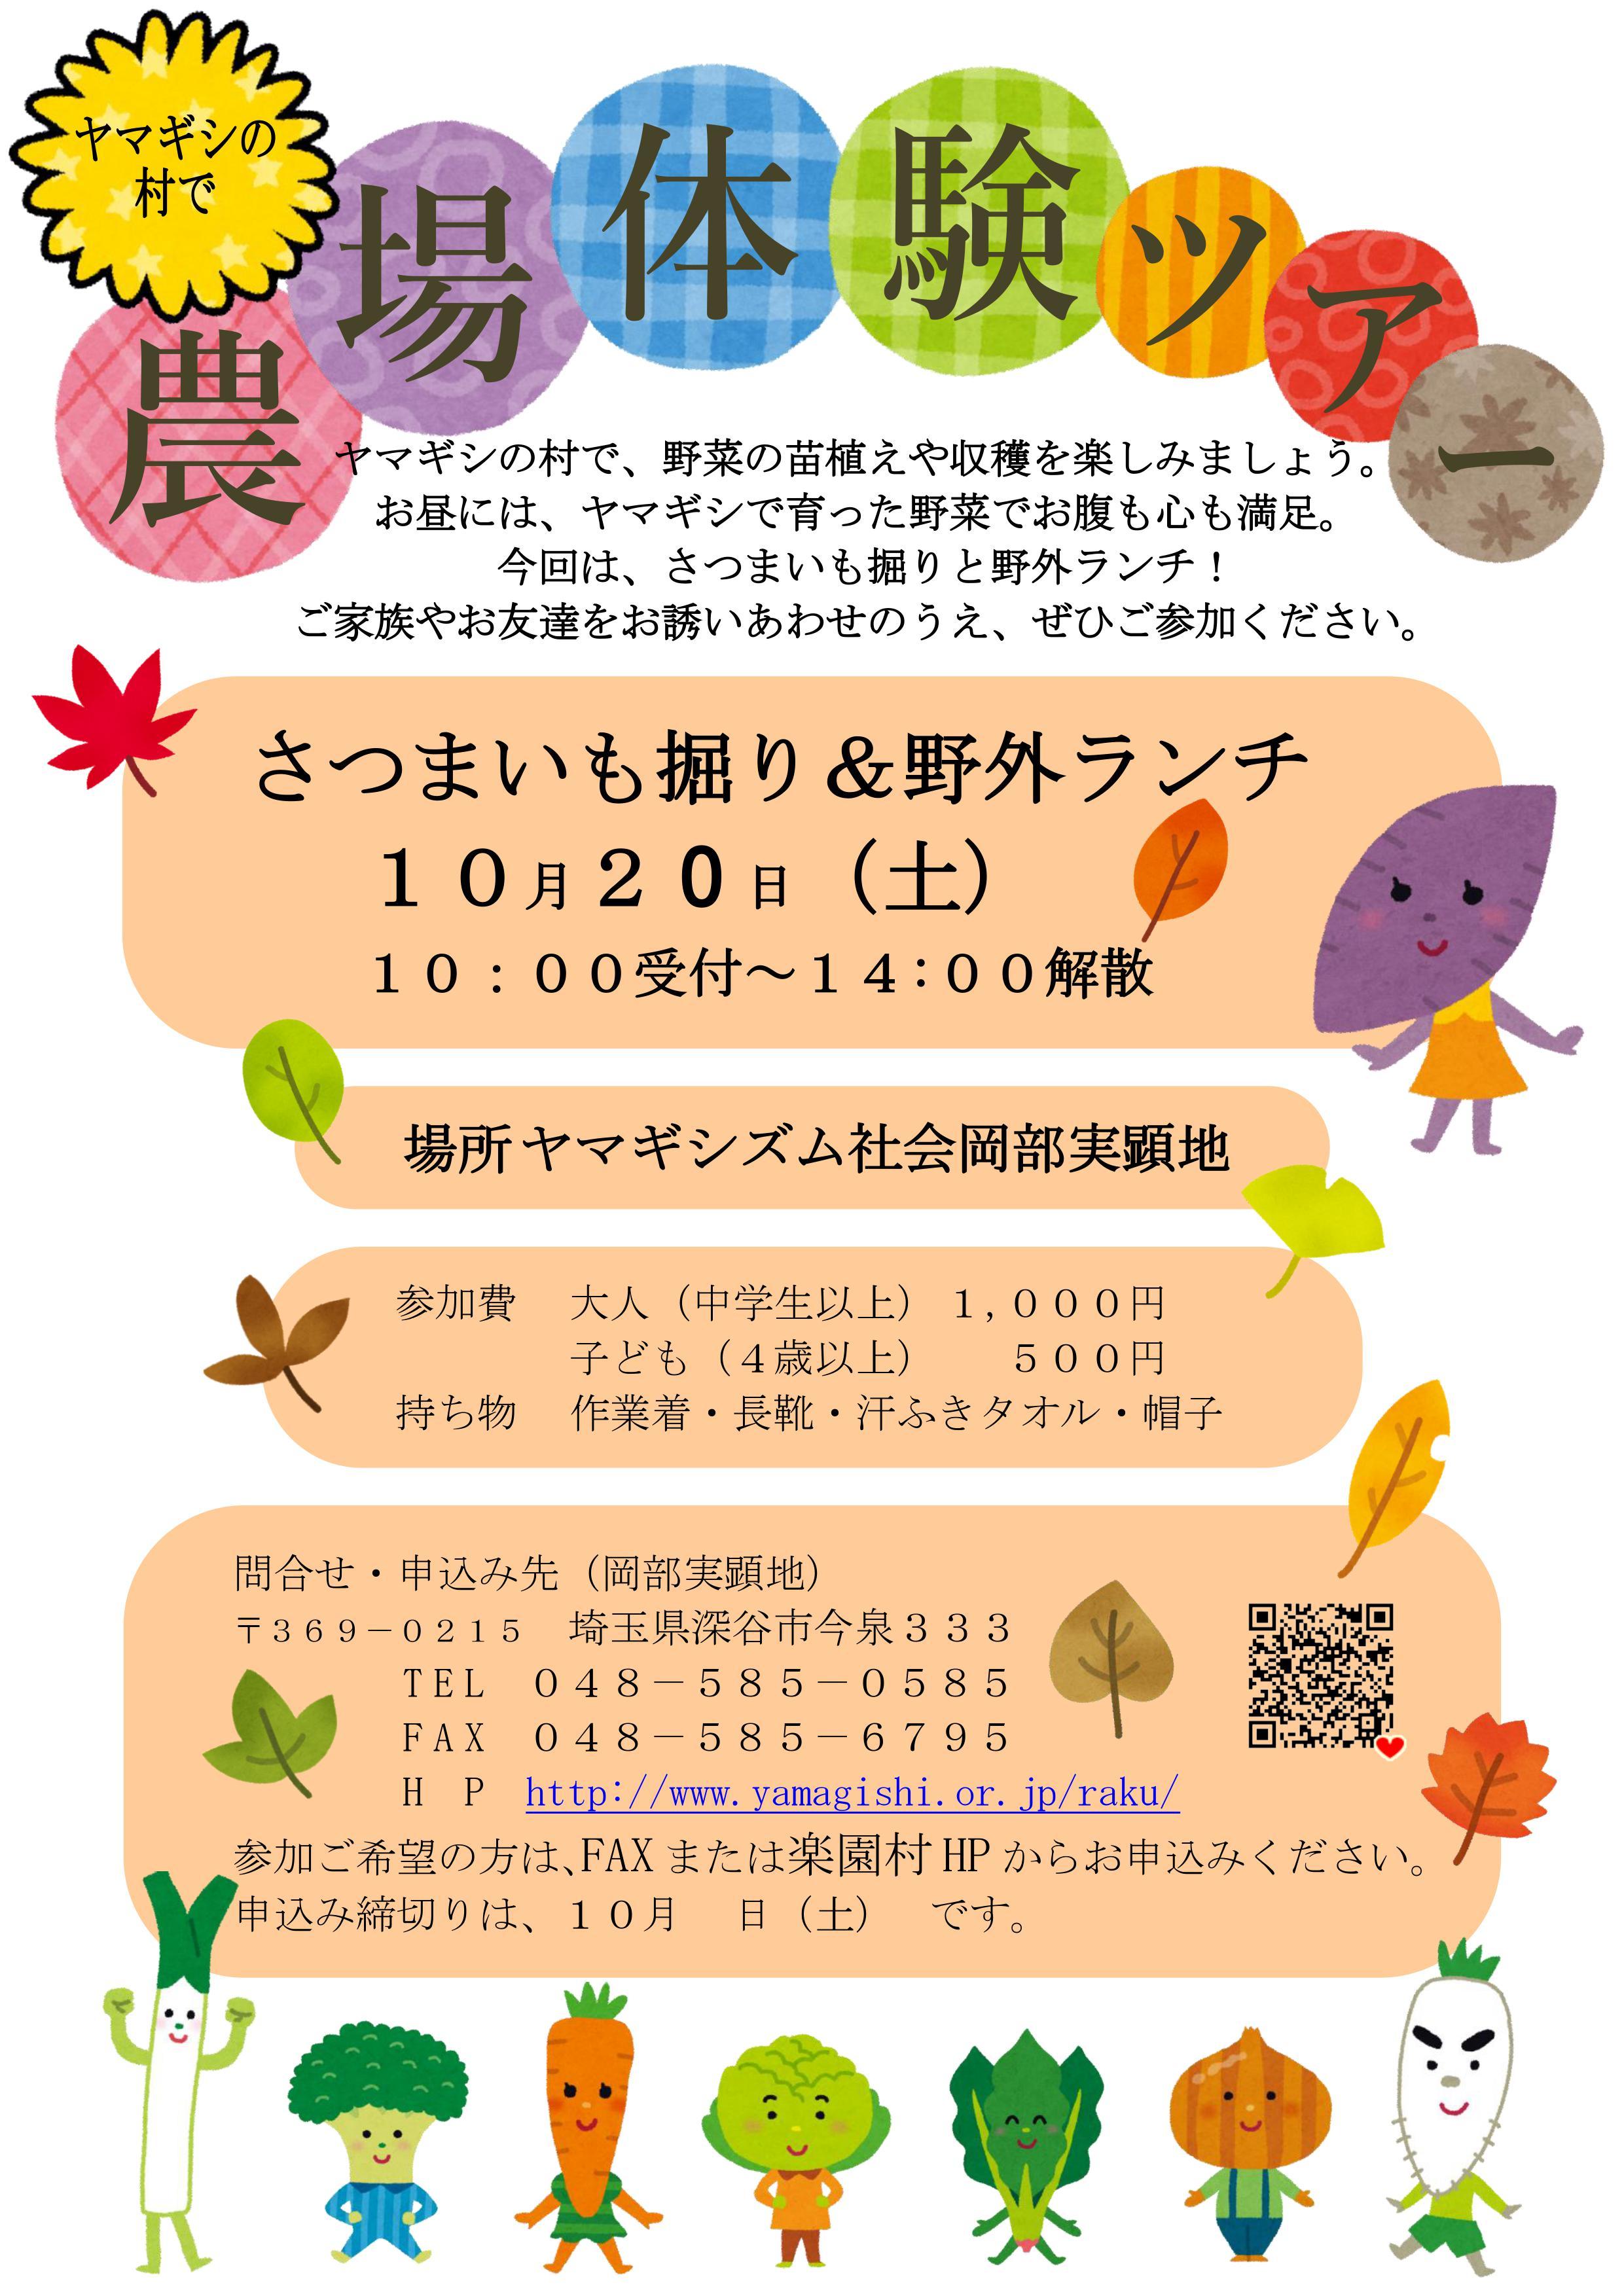 【首都圏】農場体験ツアー【日帰り】